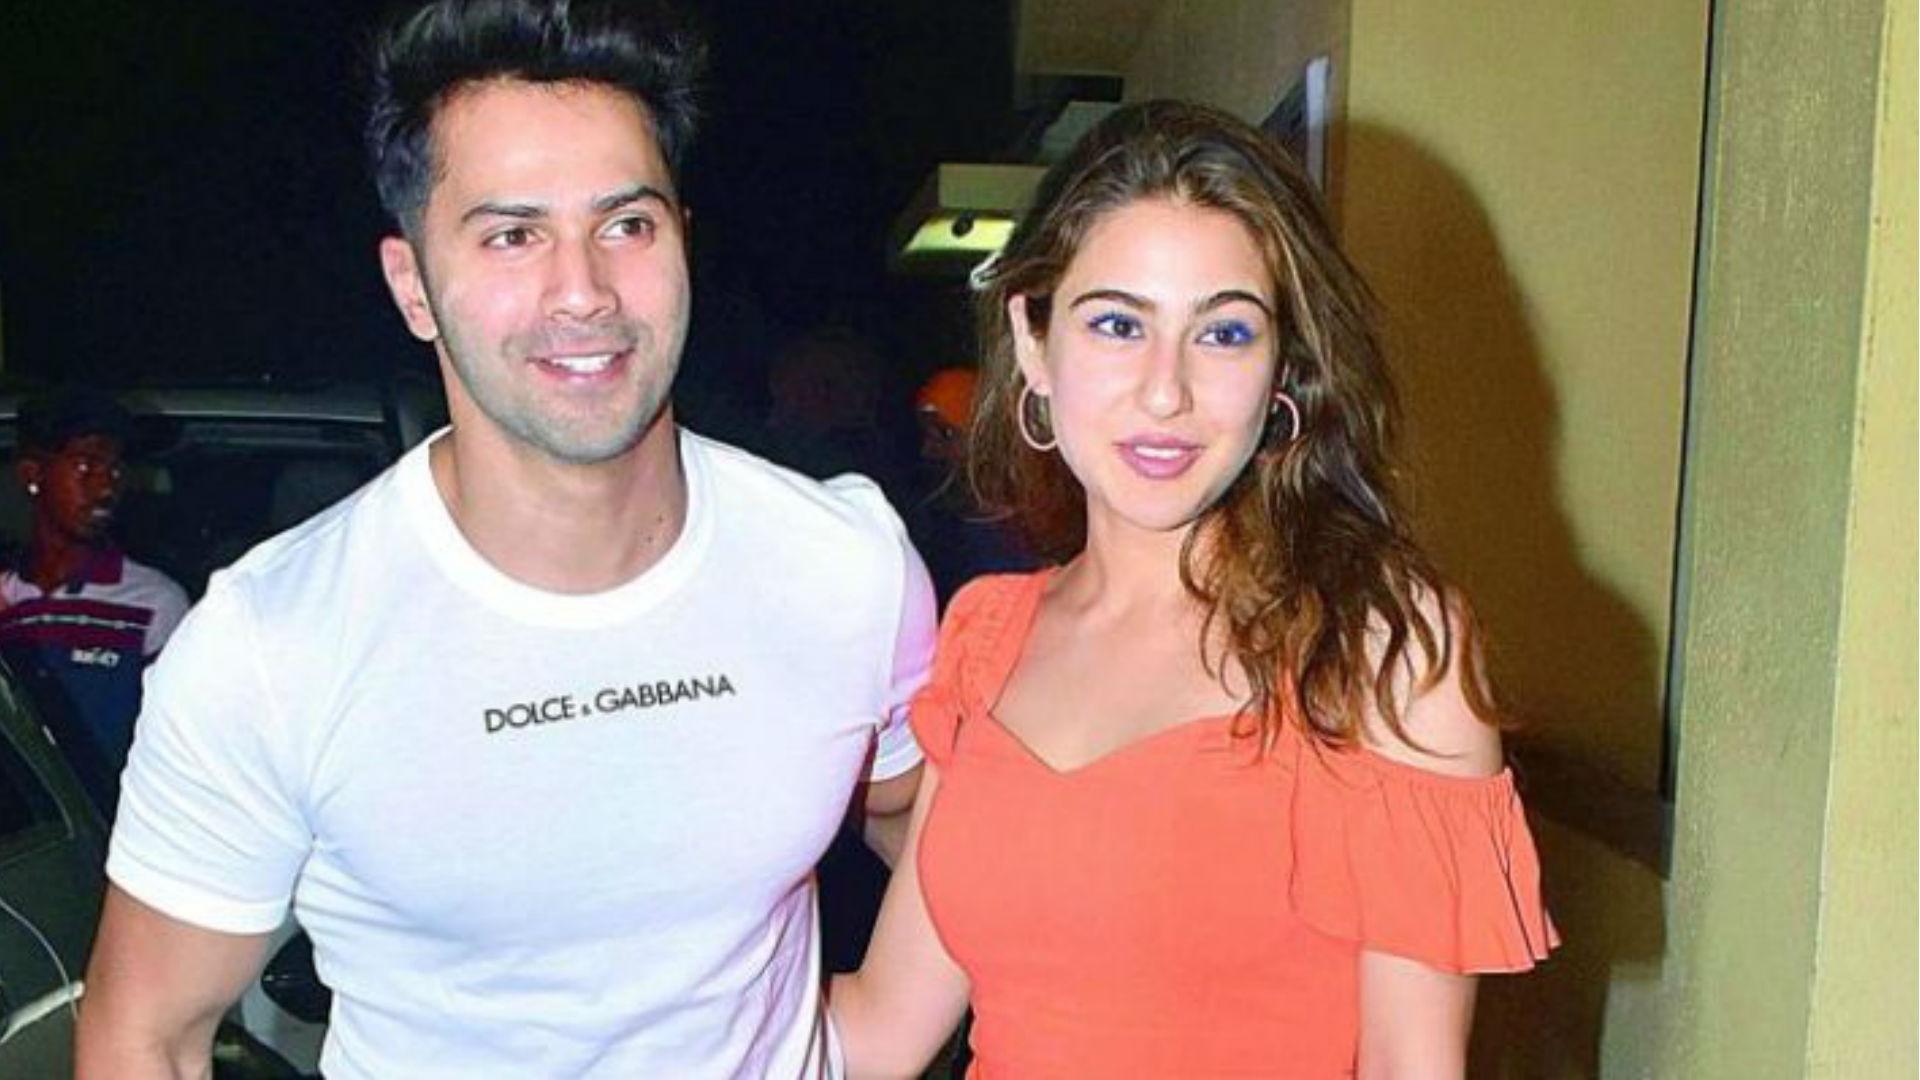 वरुण धवन और सारा अली खान फ़िल्म 'कूली नंबर 1' में करेंगे गोविन्दा के इस सुपरहिट गाने को रिक्रिएट